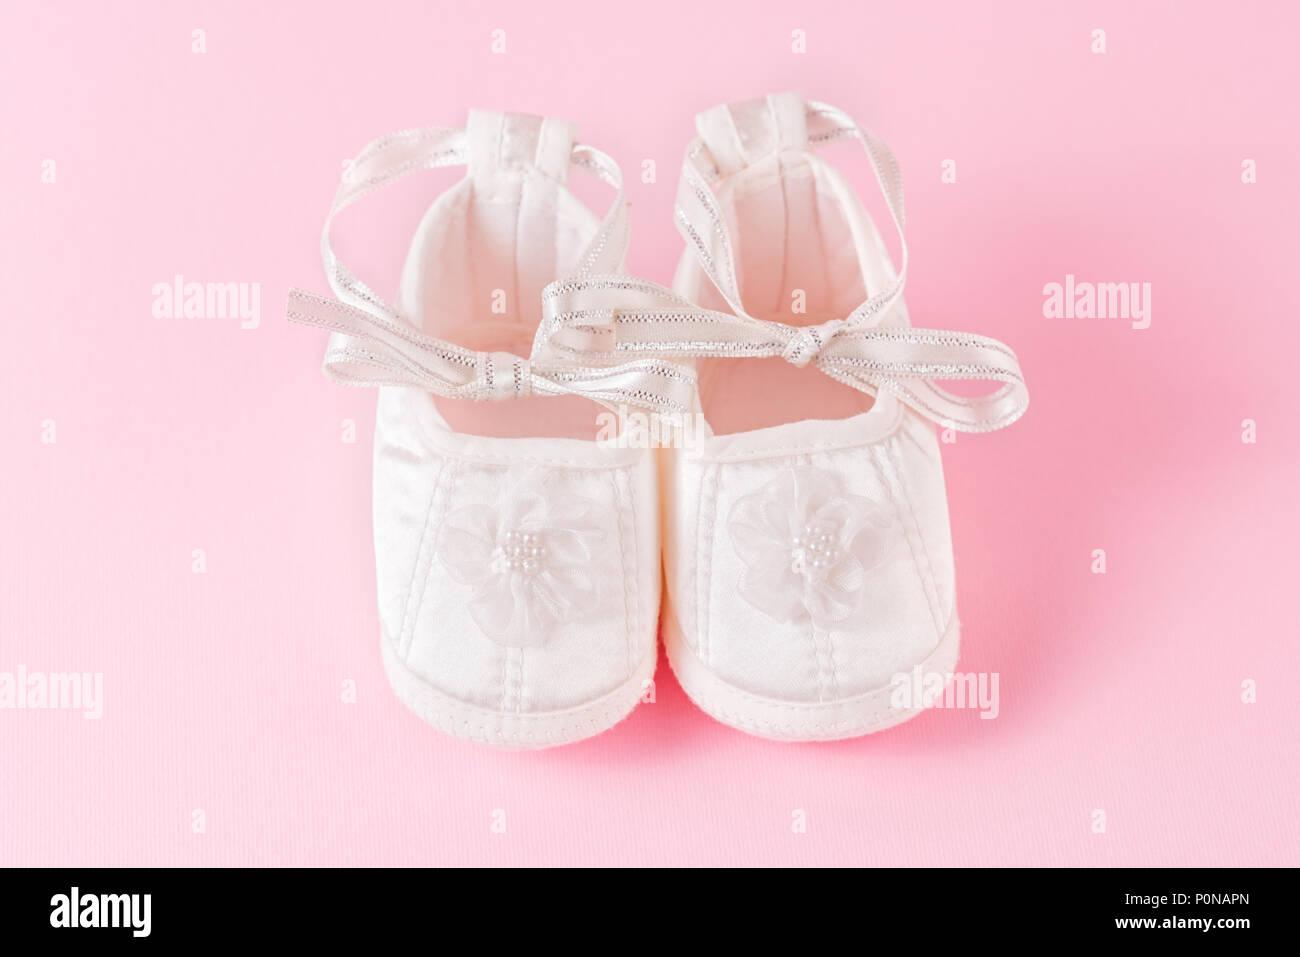 brand new e7acd c8dab Weiß Baby Schuhe auf rosa Hintergrund. Ein Paar Babyschuhe ...